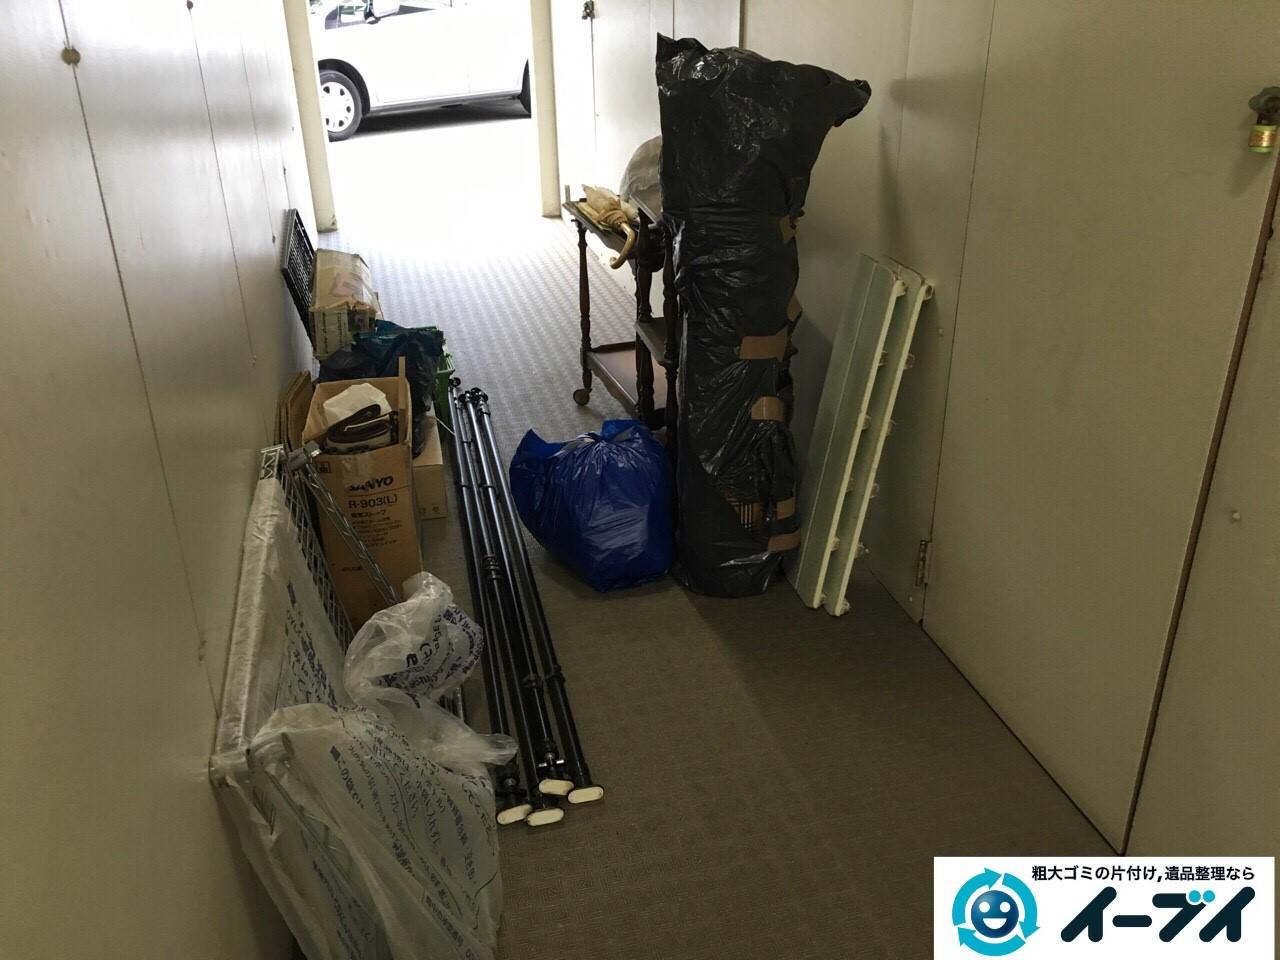 12月16日 大阪府豊能郡能勢町でマンションの倉庫の廃品や粗大ゴミの不用品回収をいたしました。写真2